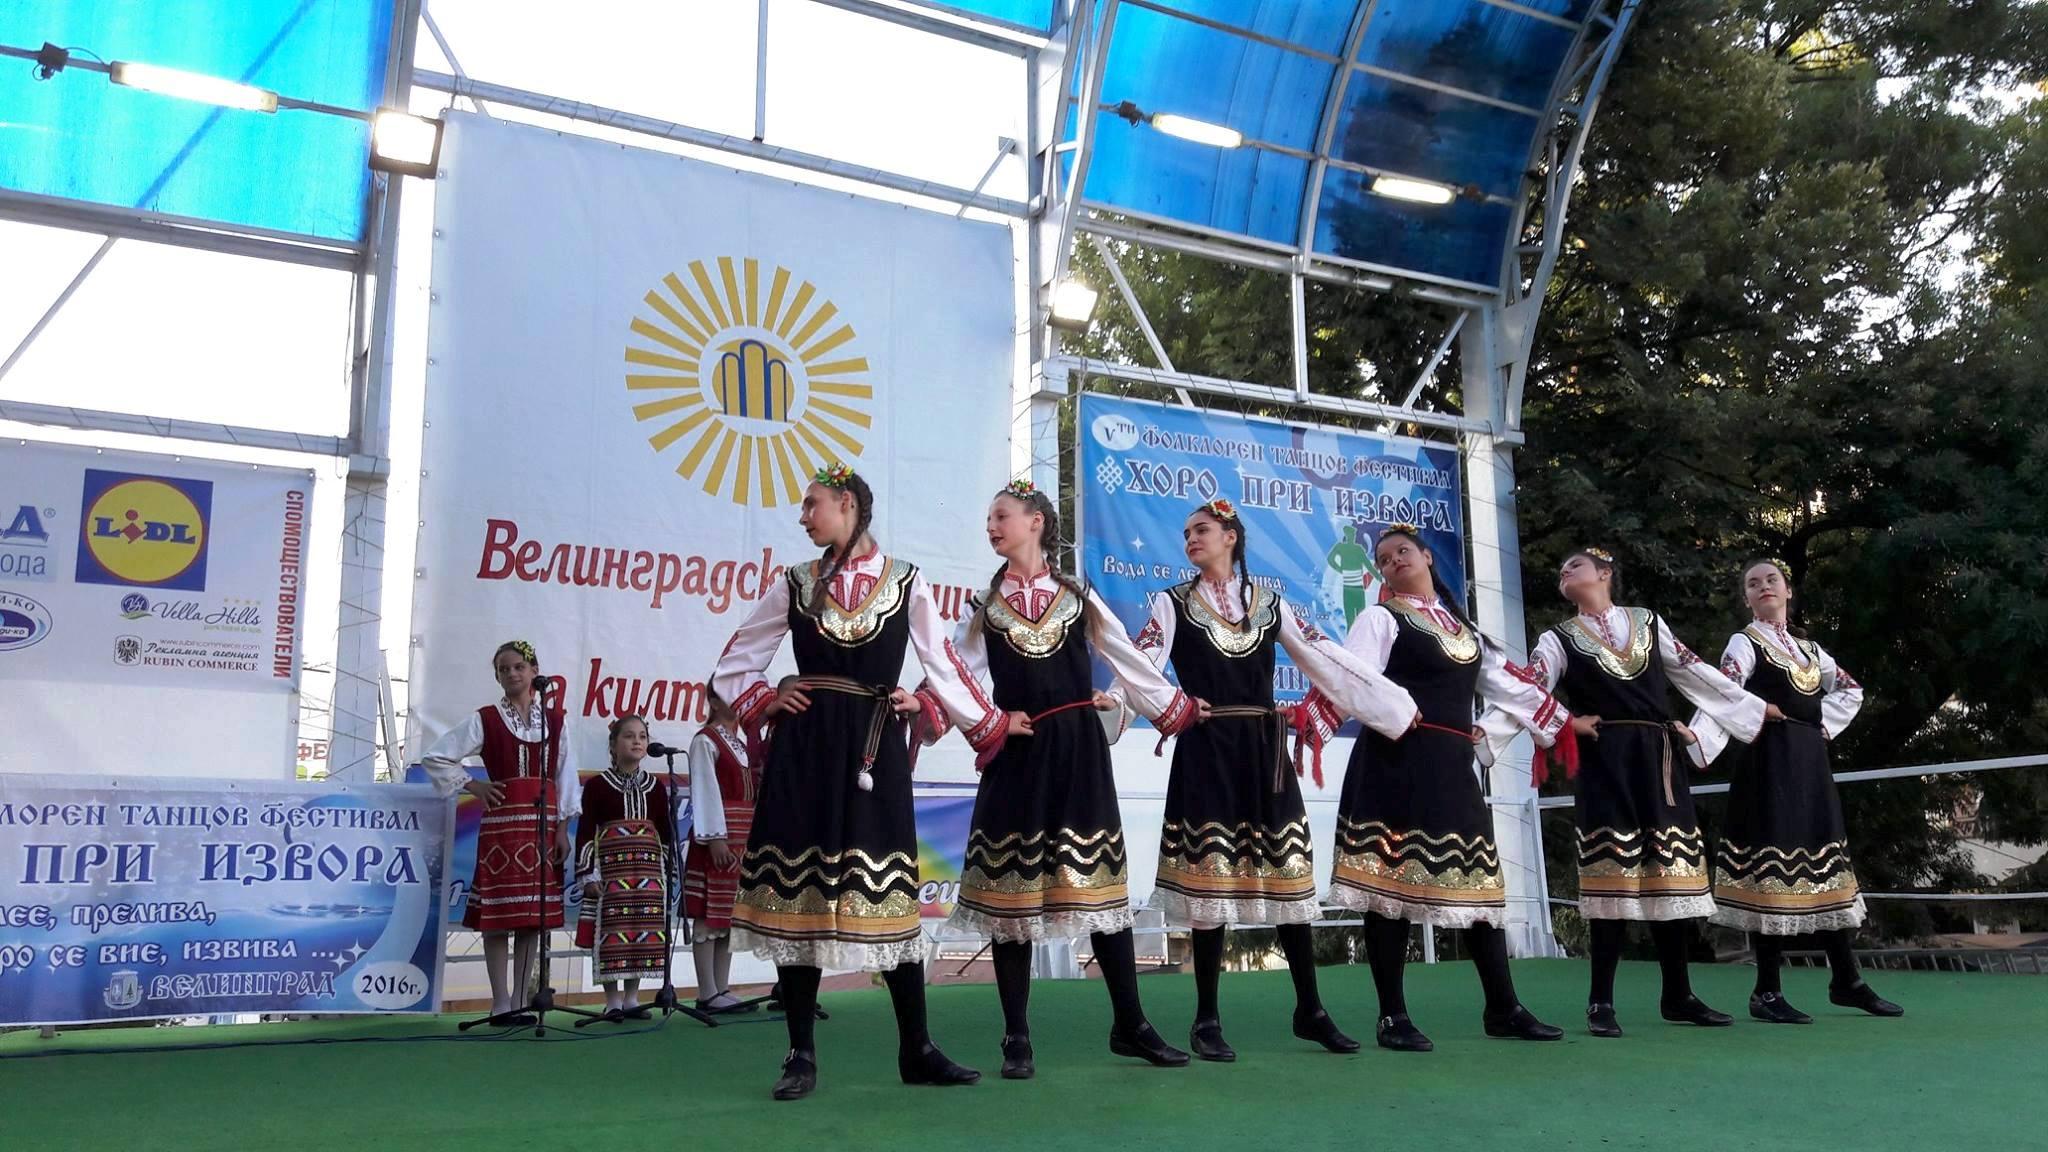 Богата фолклорна програма в десетия ден на Велинградските празници